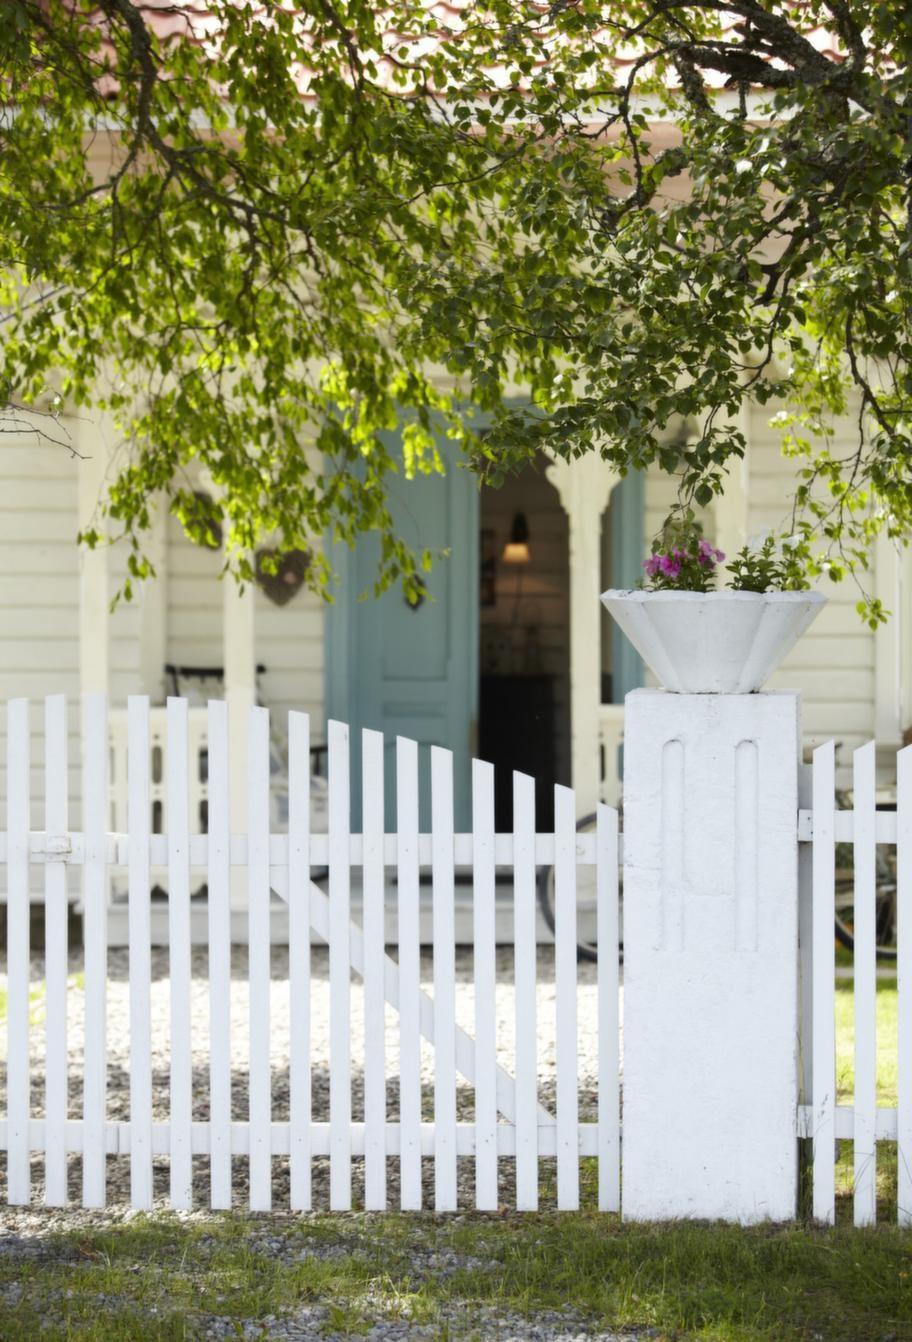 Entré. Den blå ytterdörren är en fin kontrast till den vita utsidan.